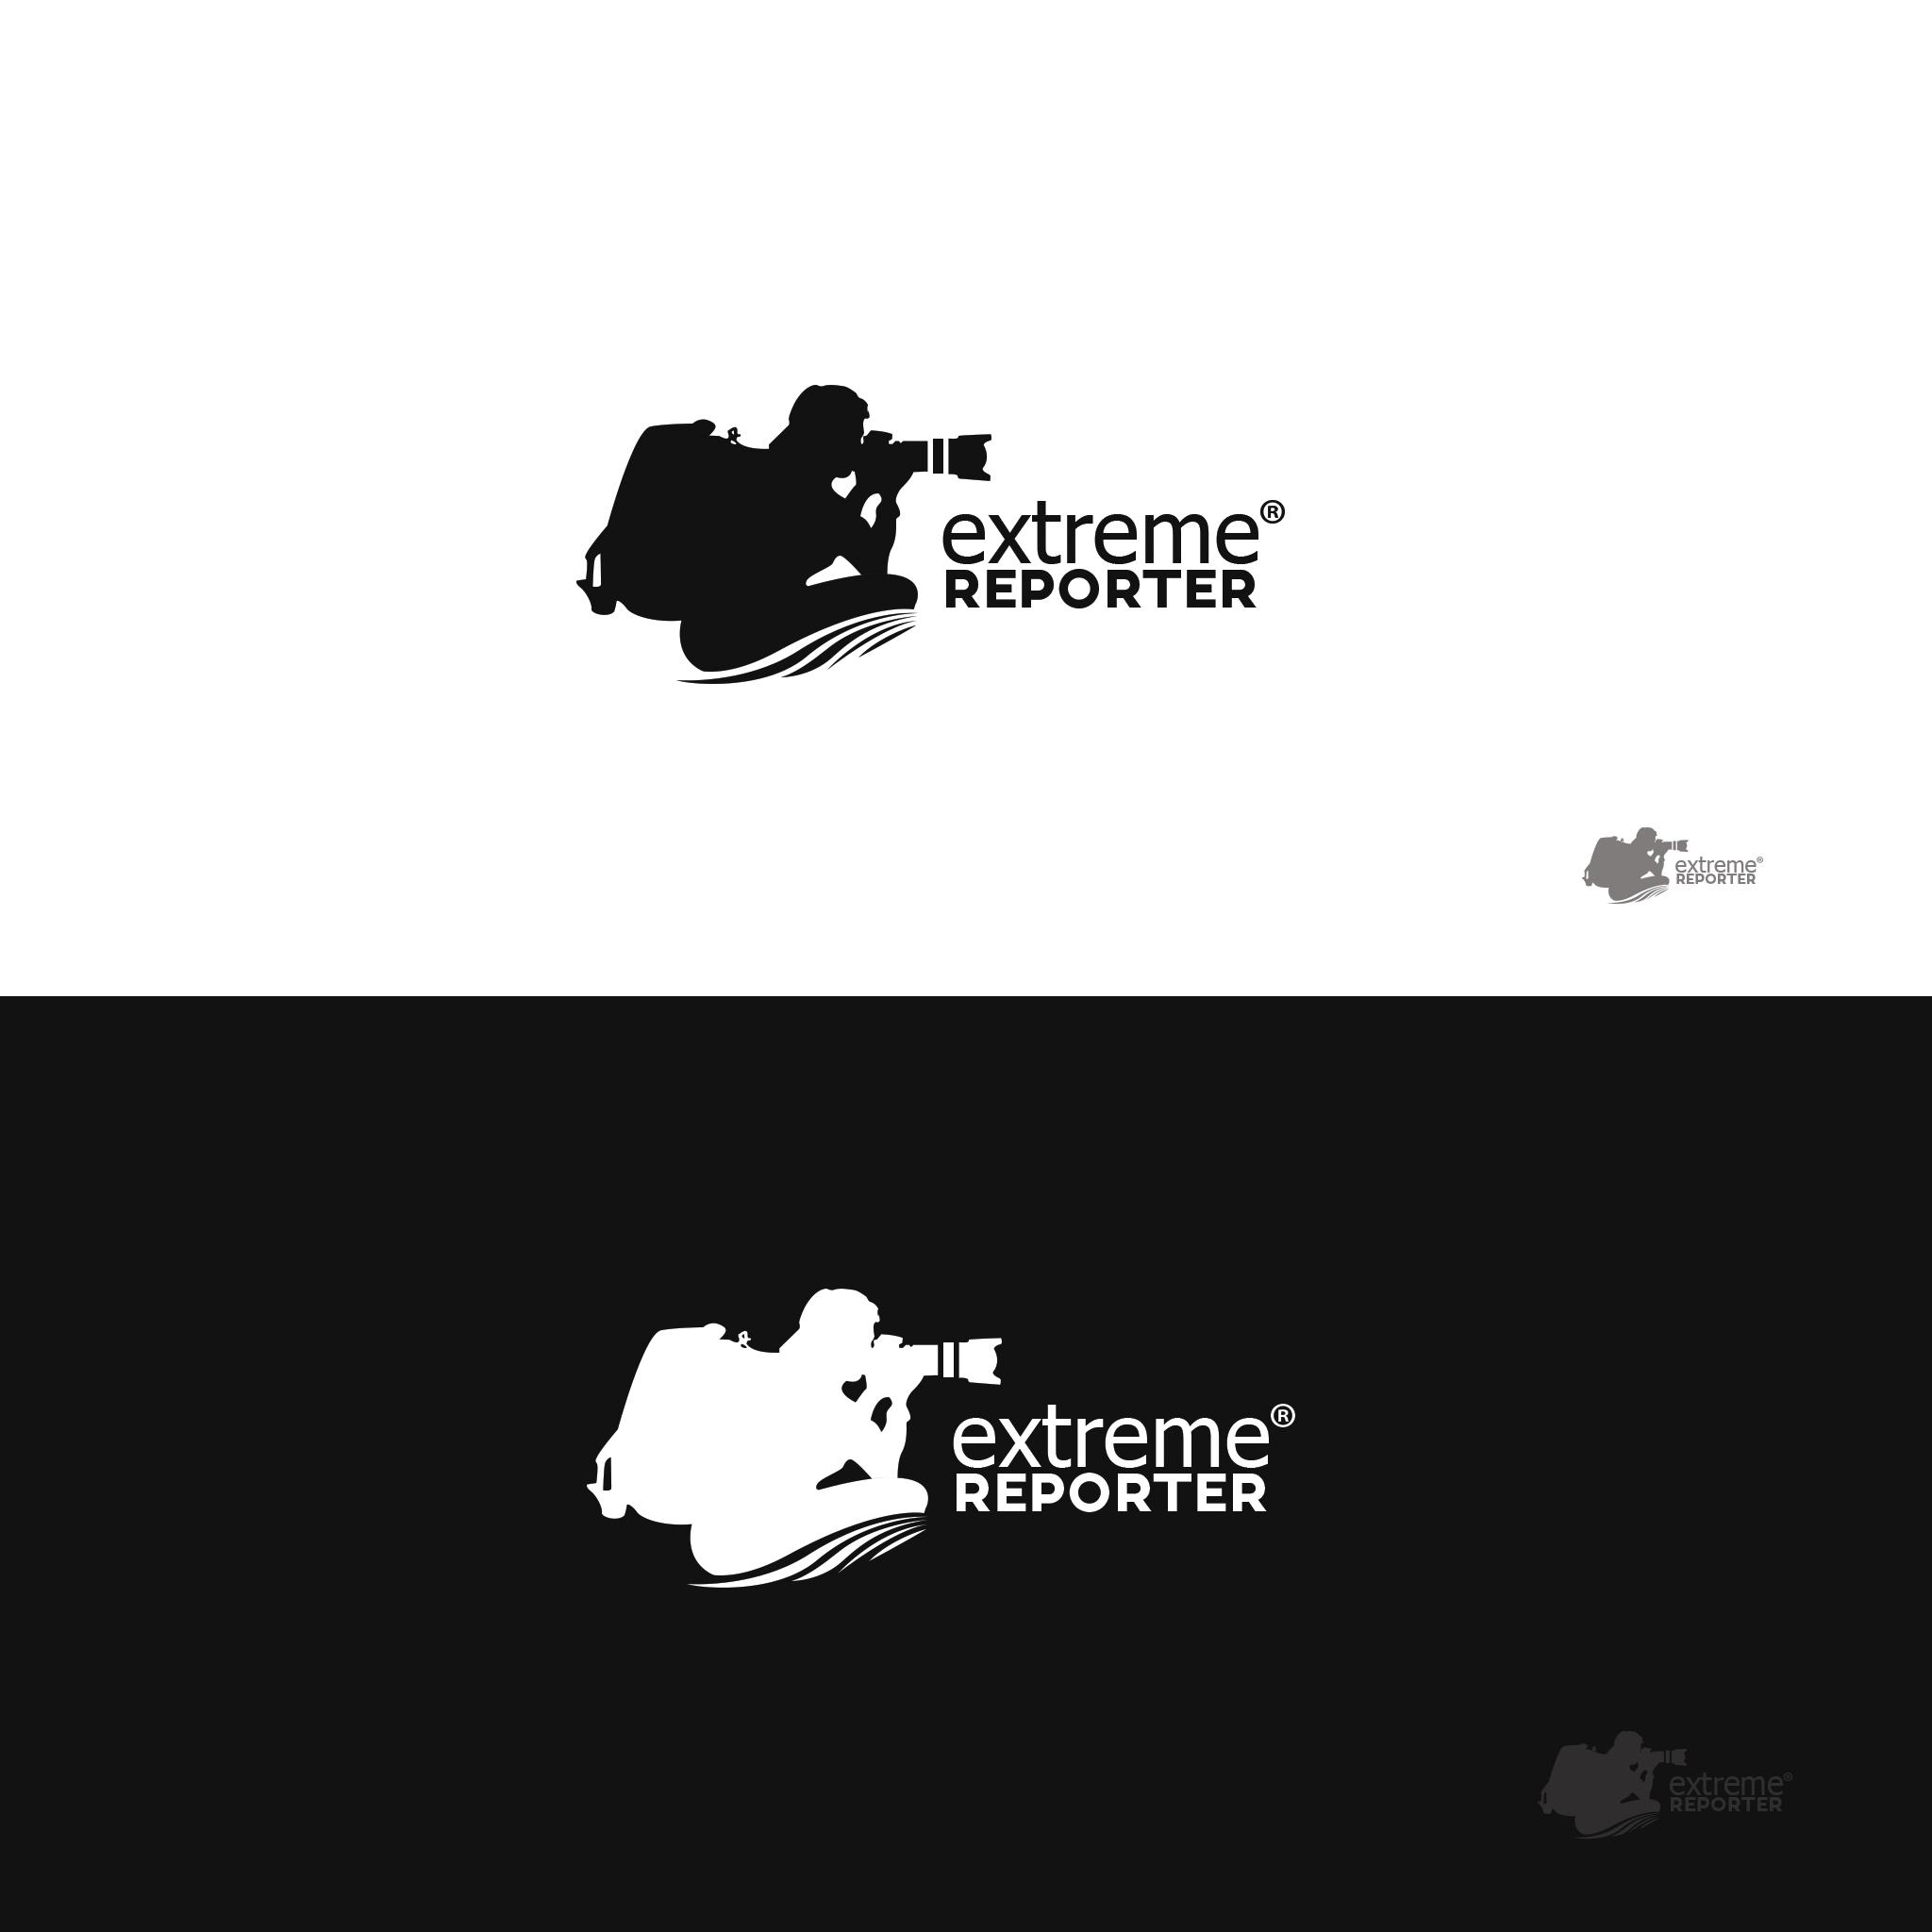 Логотип для экстрим фотографа.  фото f_2405a53a8c04388a.jpg